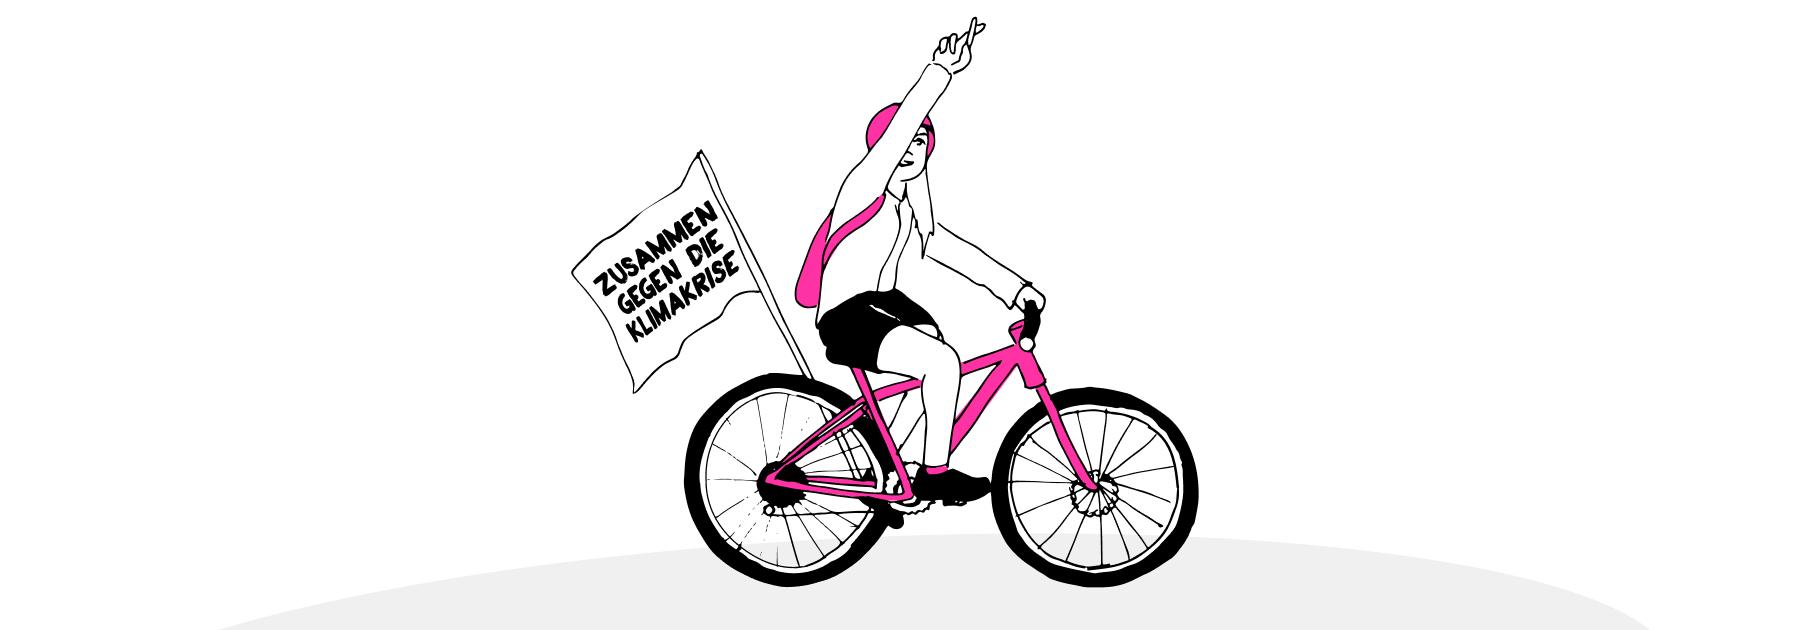 filler-fahrrad-wink-mobile